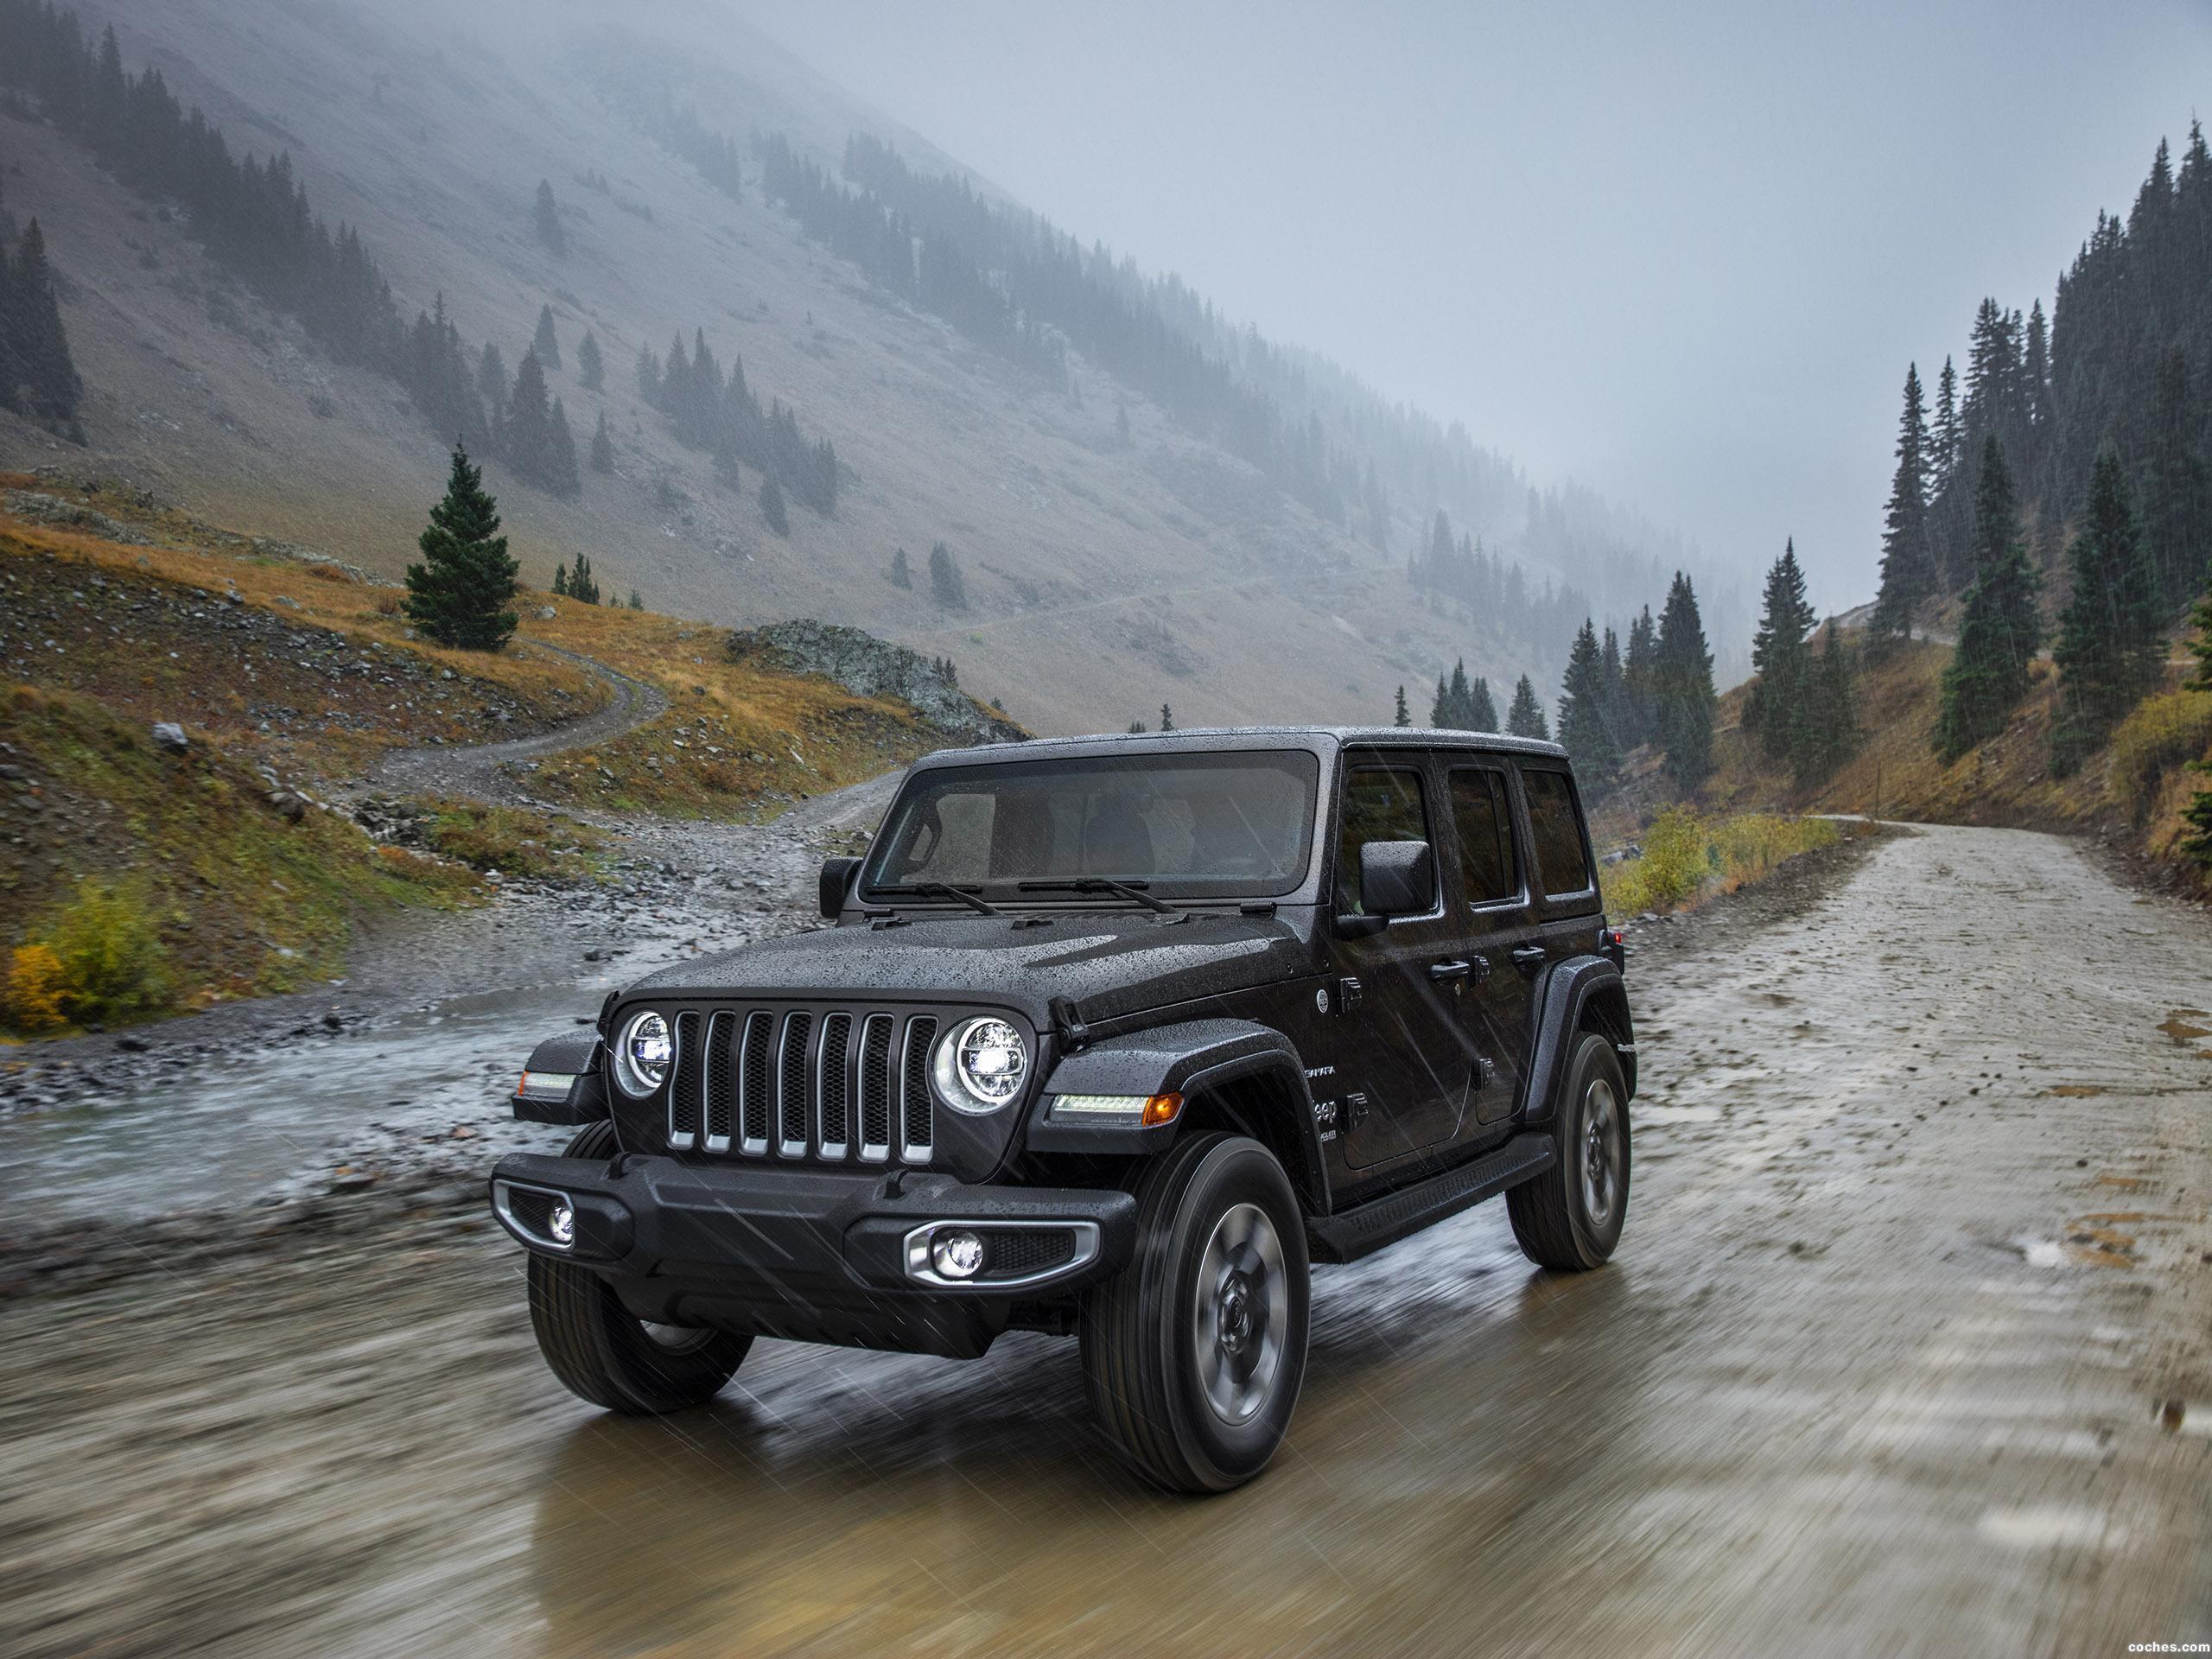 Fotos de Jeep Wrangler Unlimited Sahara USA 2018 | Foto 25